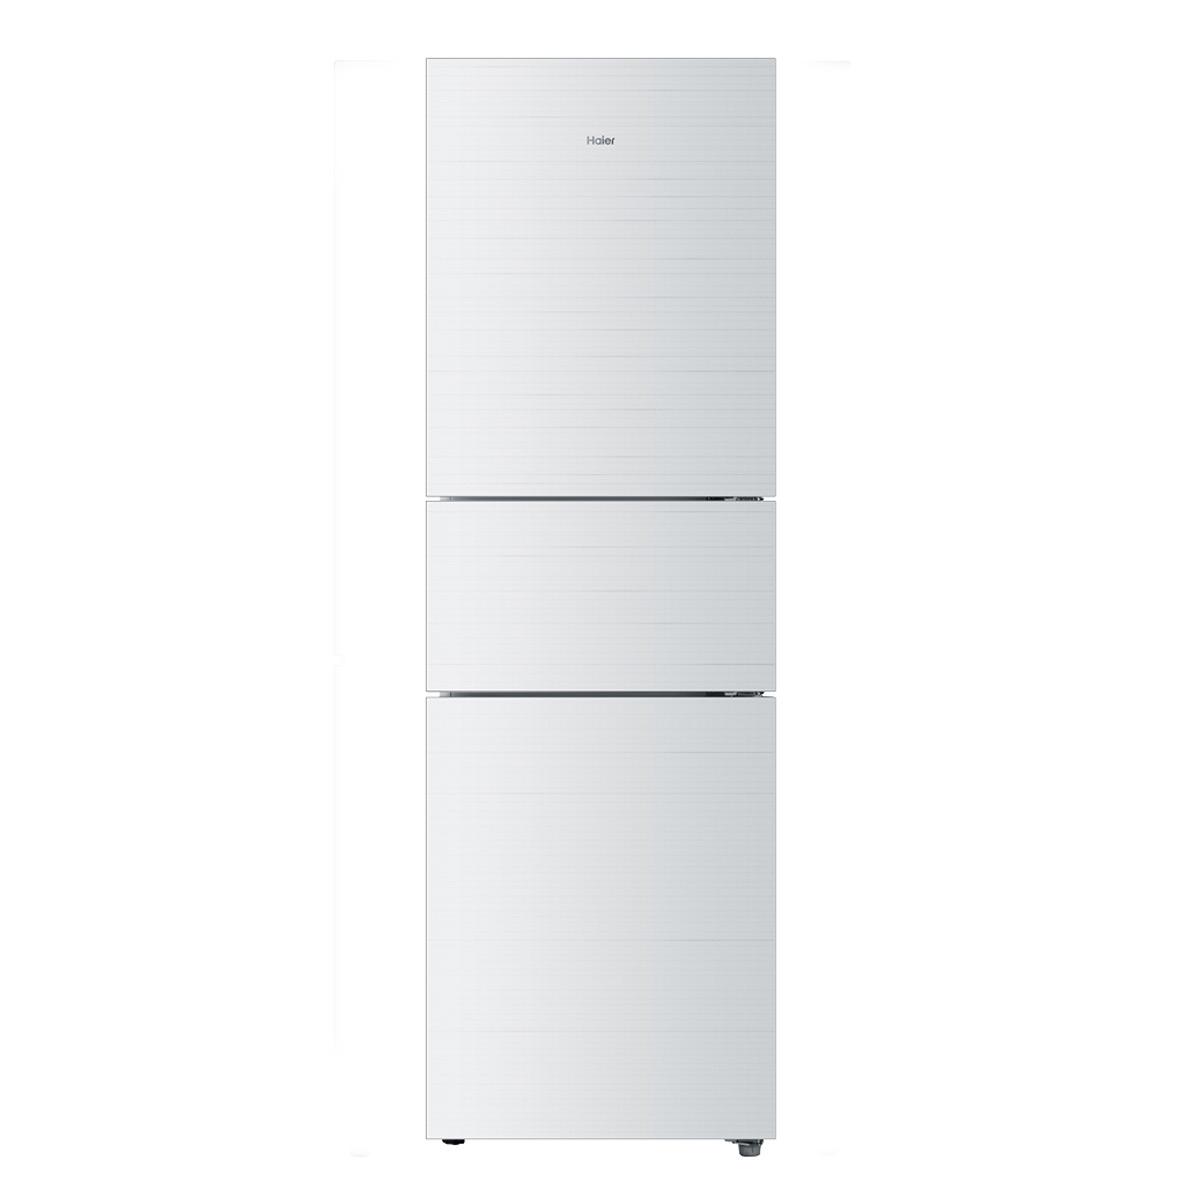 海尔Haier冰箱 BCD-236STCM 说明书